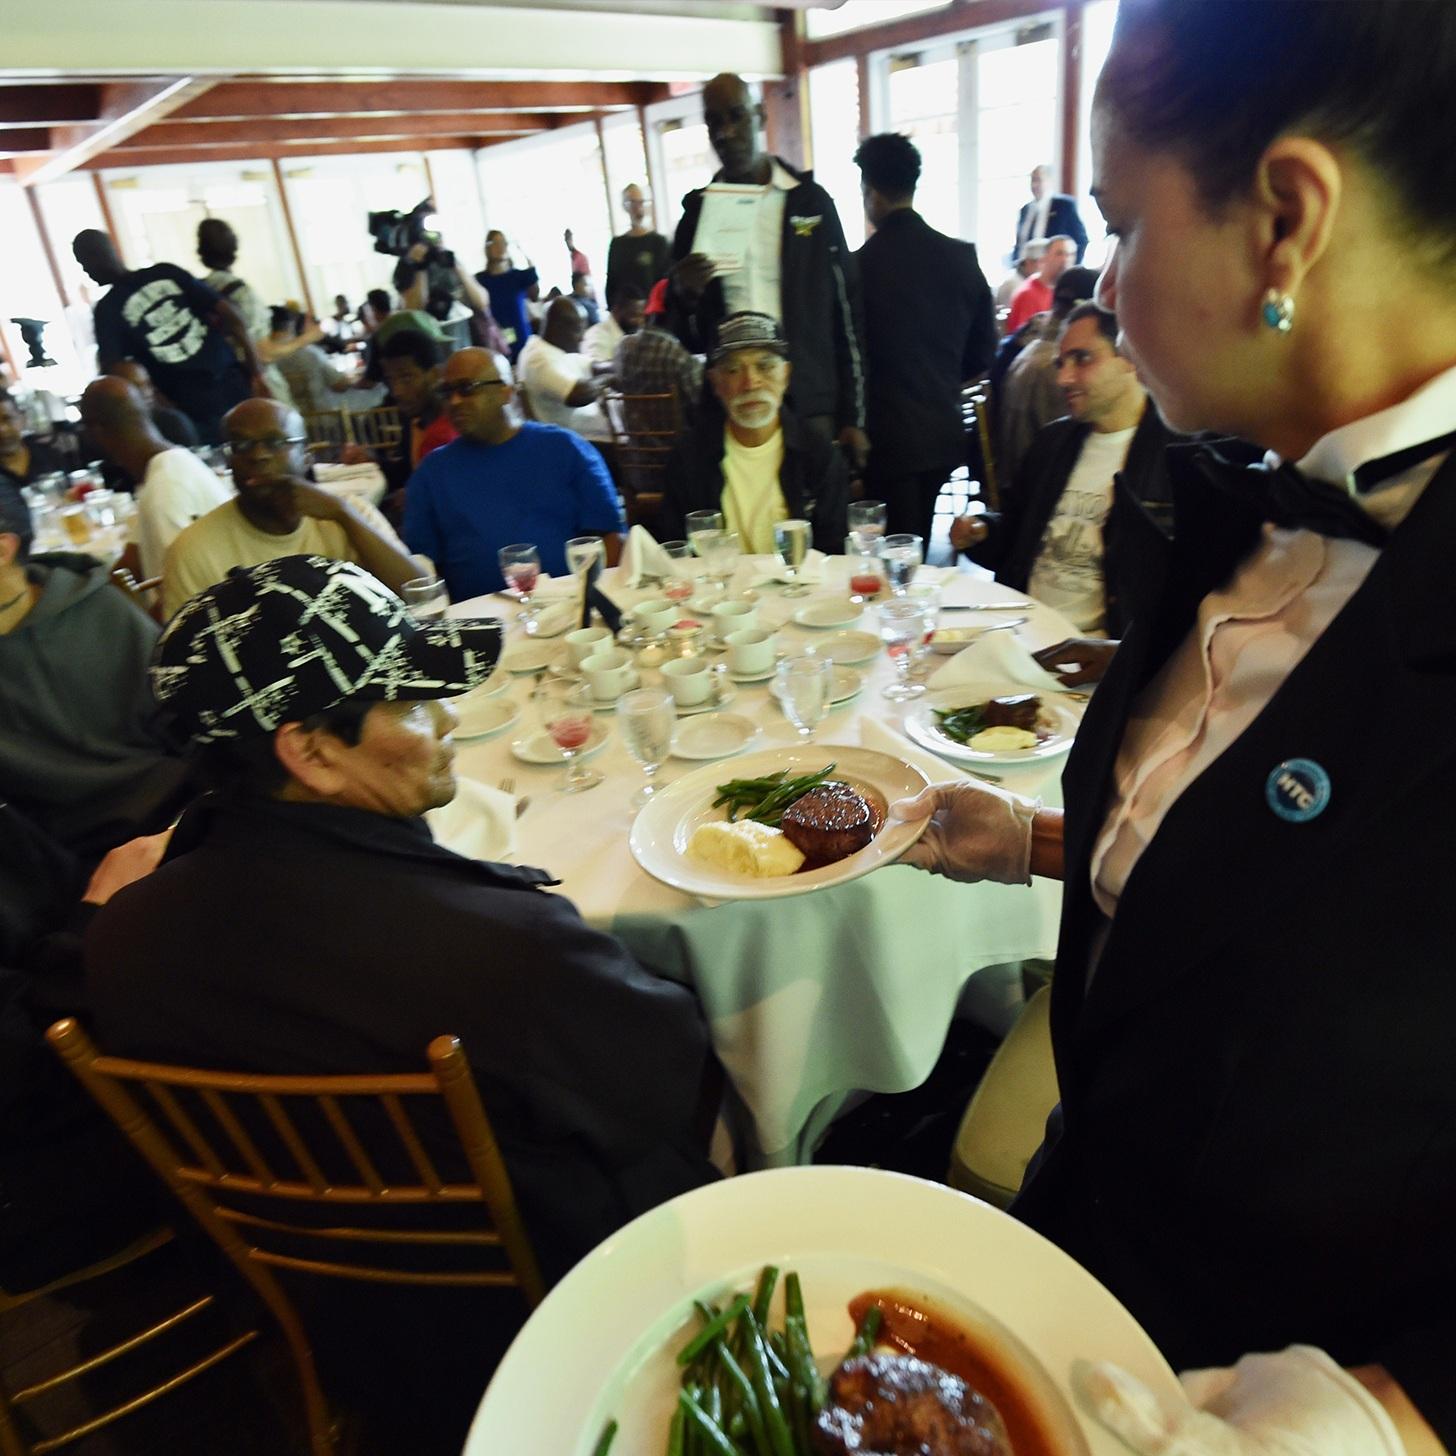 Các món ăn trong bữa tiệc đặc biệt được một nhà hàng bốn sao chuẩn bị công phu.